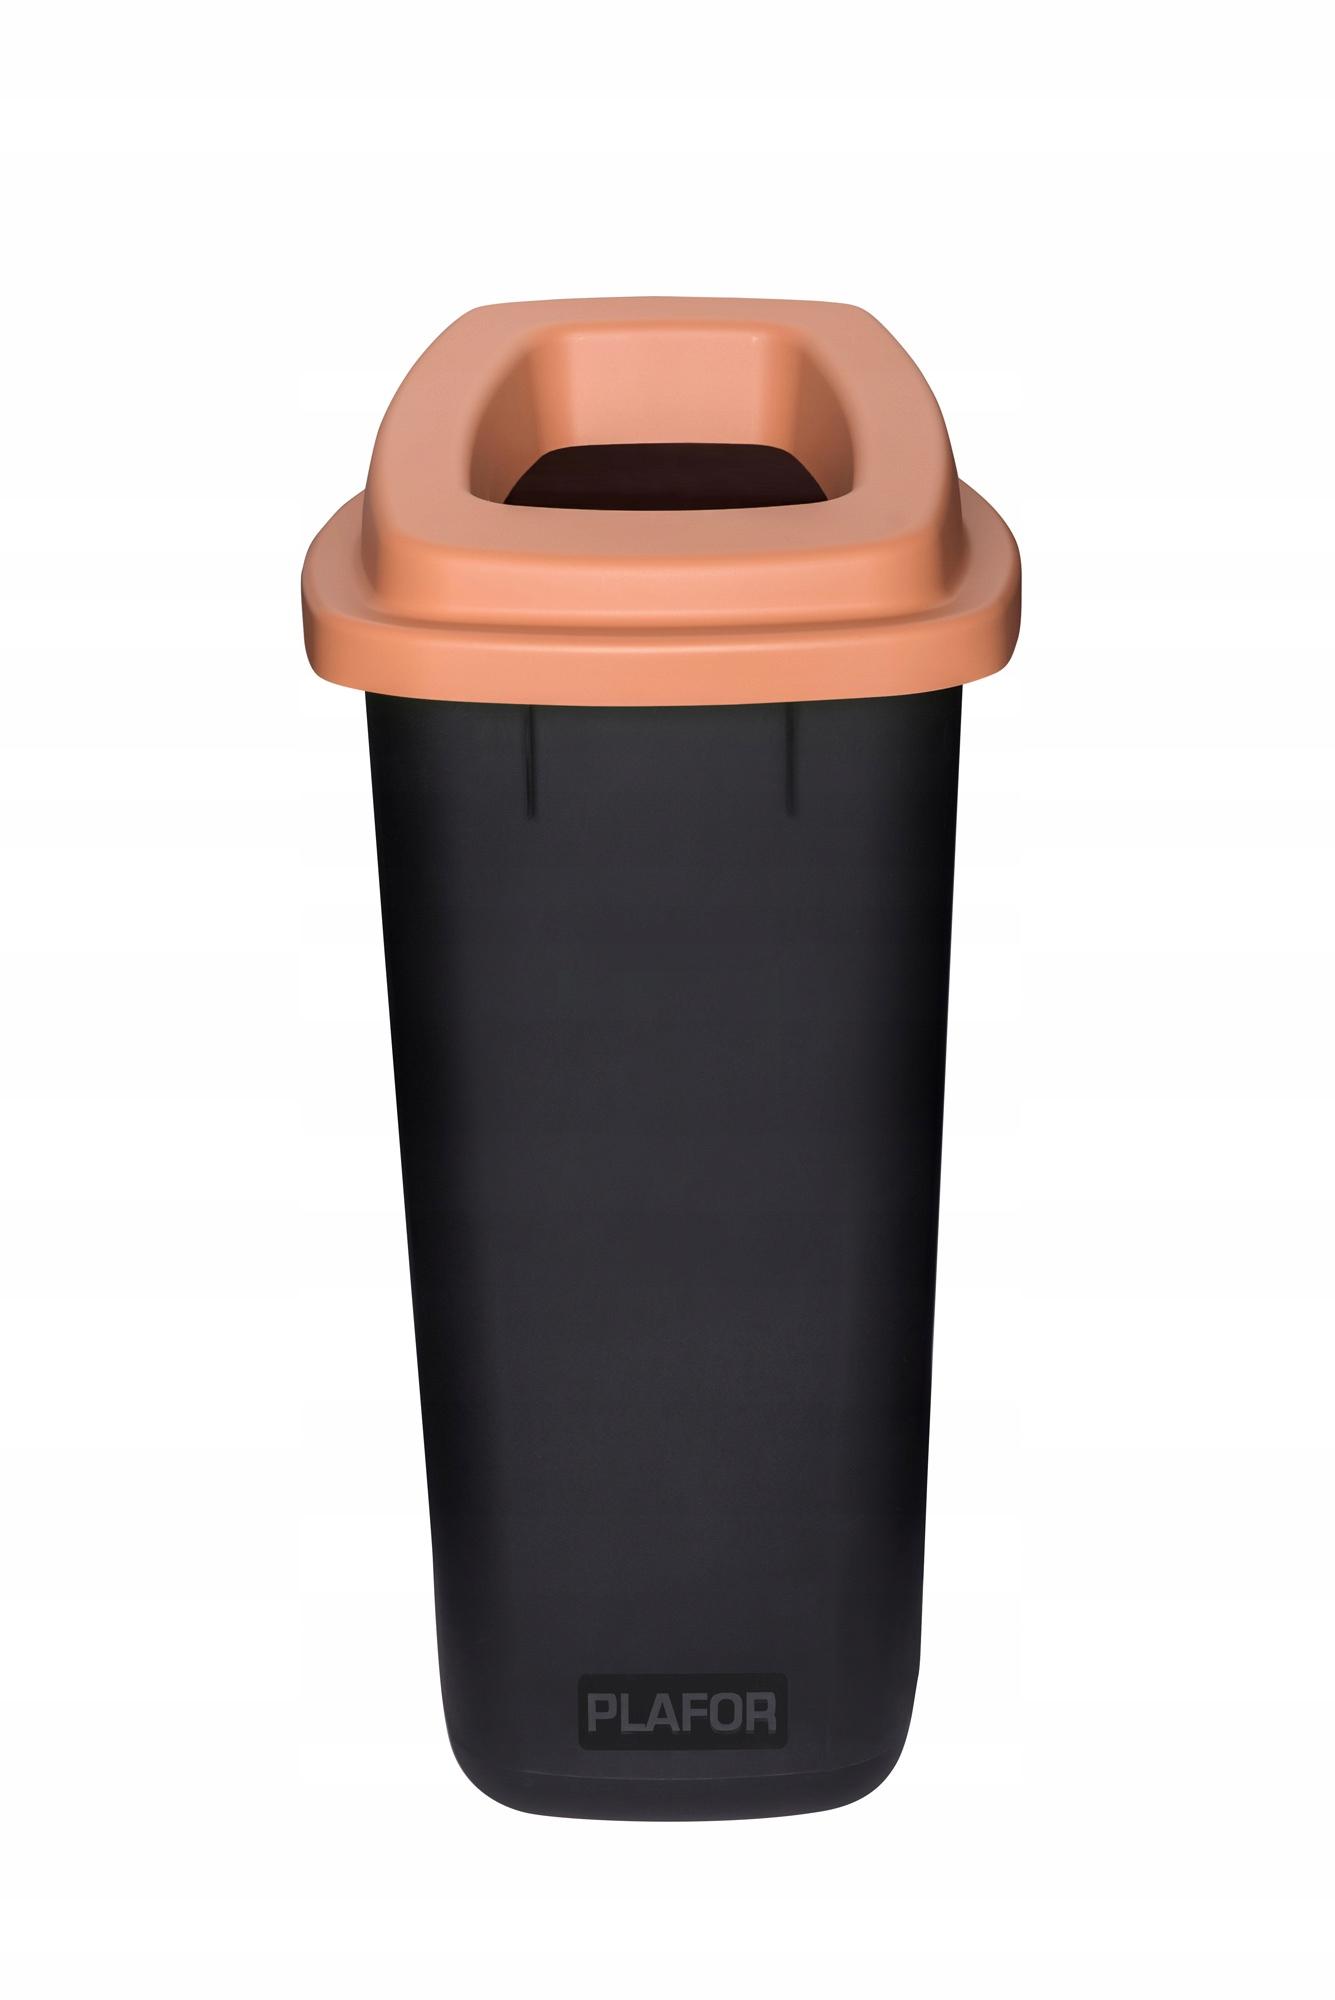 КОРЗИНА ECO для сортировки мусора 90L БИО -бронза PLAFOR